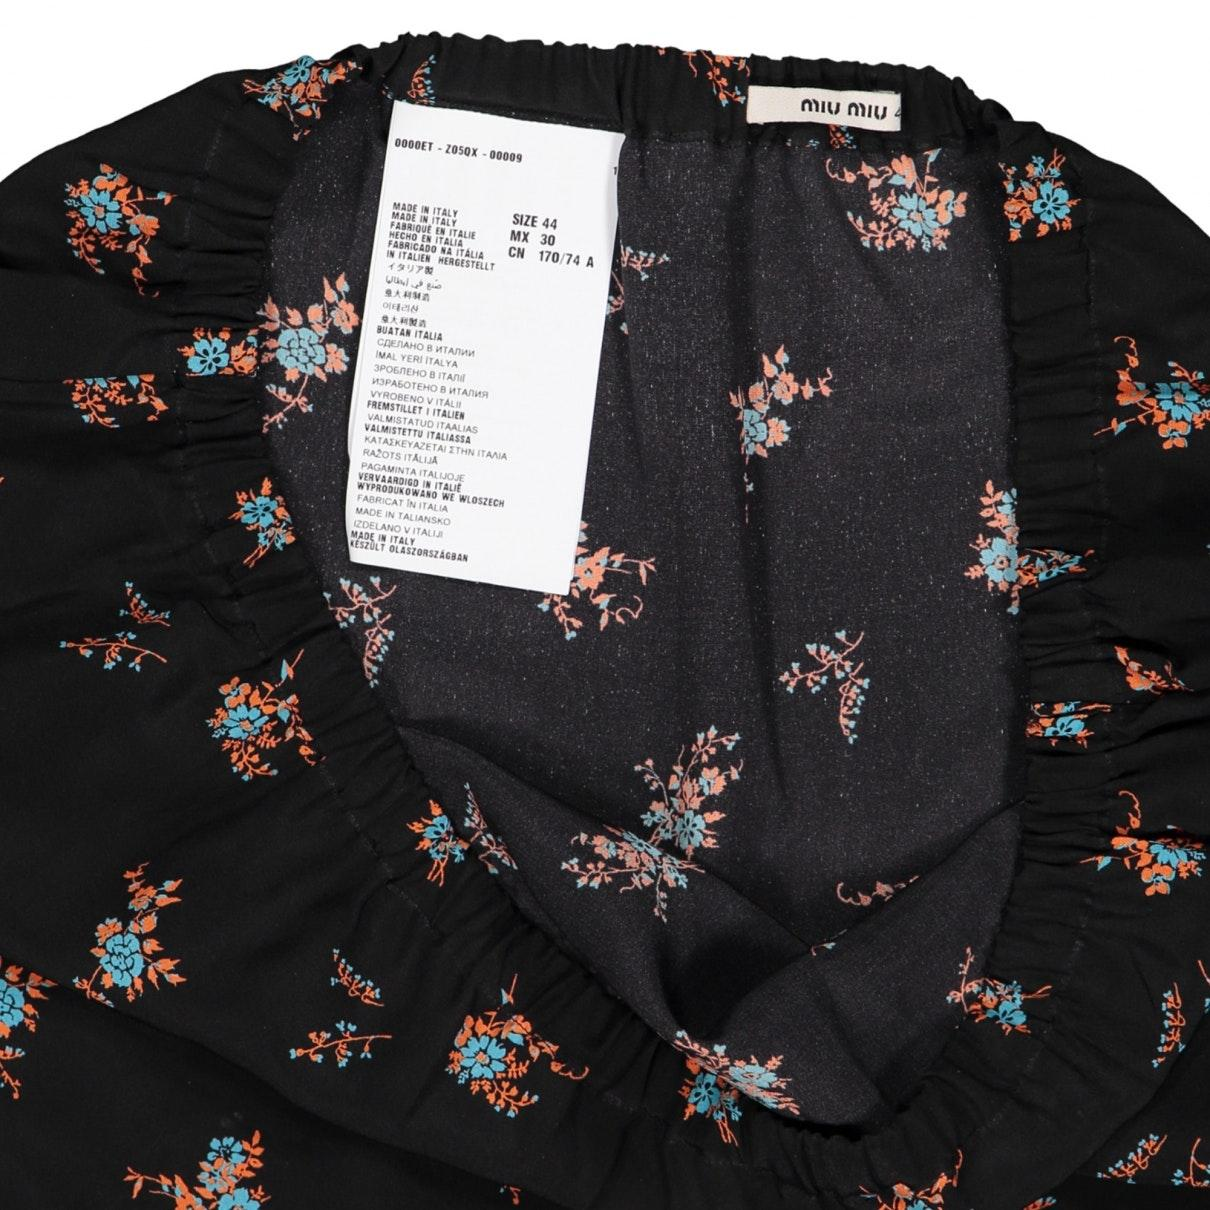 Falda en seda multicolor N Miu Miu de color Negro